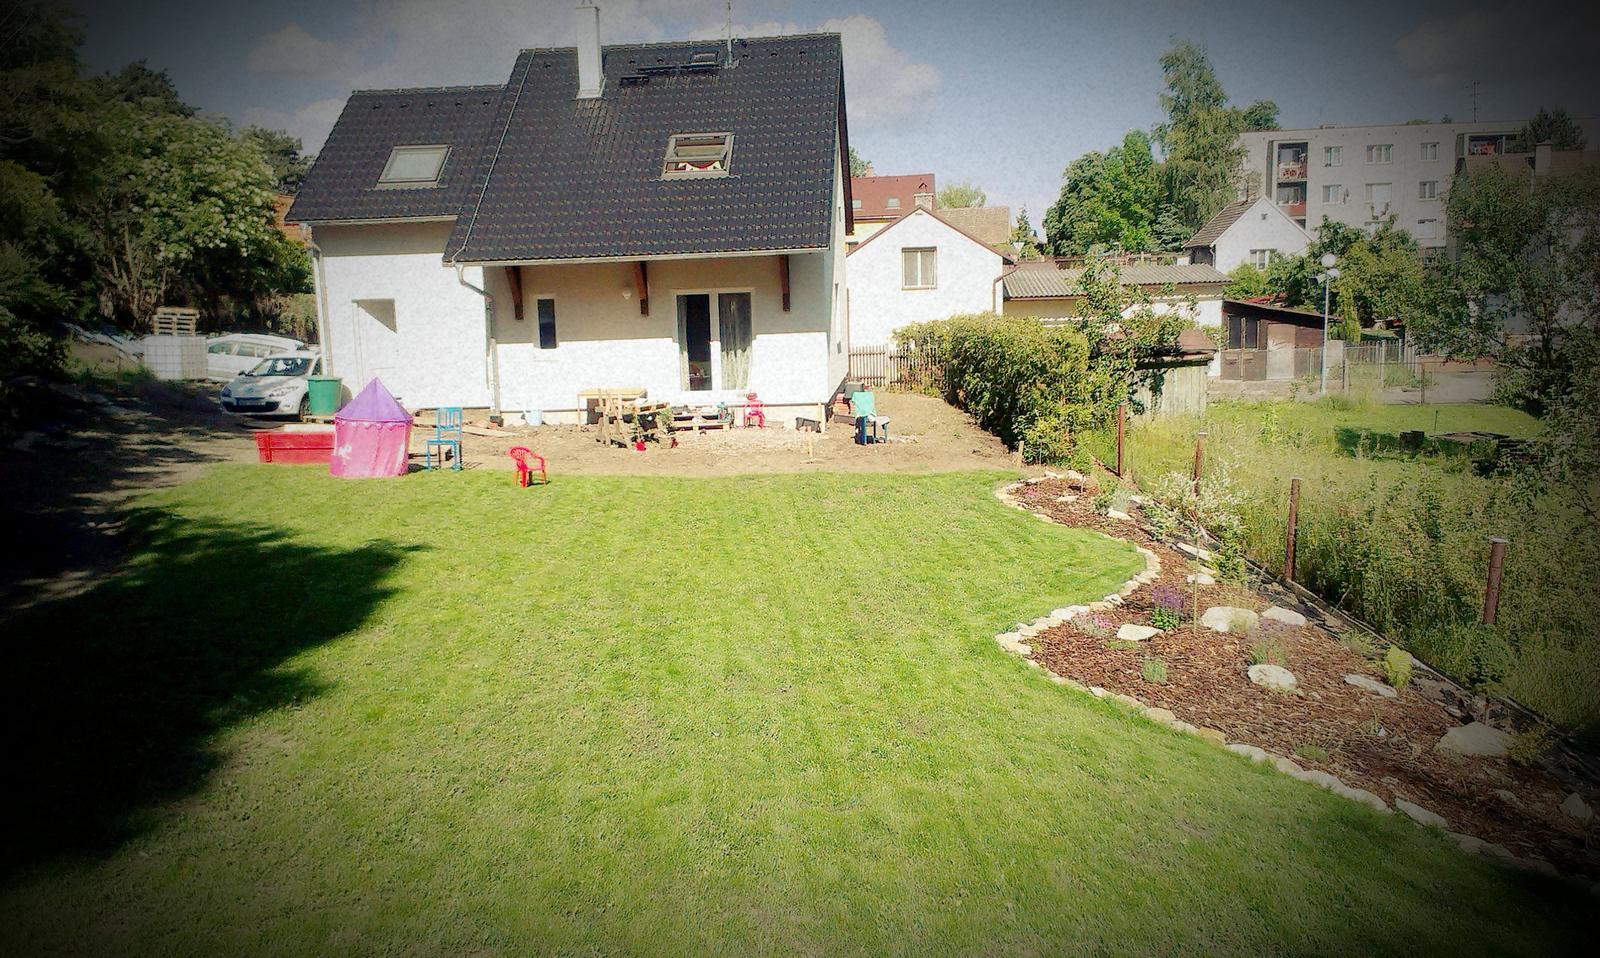 Záhrada - trávnik dostal krátky zostrih - sme optimisti ktorých sekanie zatiaľ baví